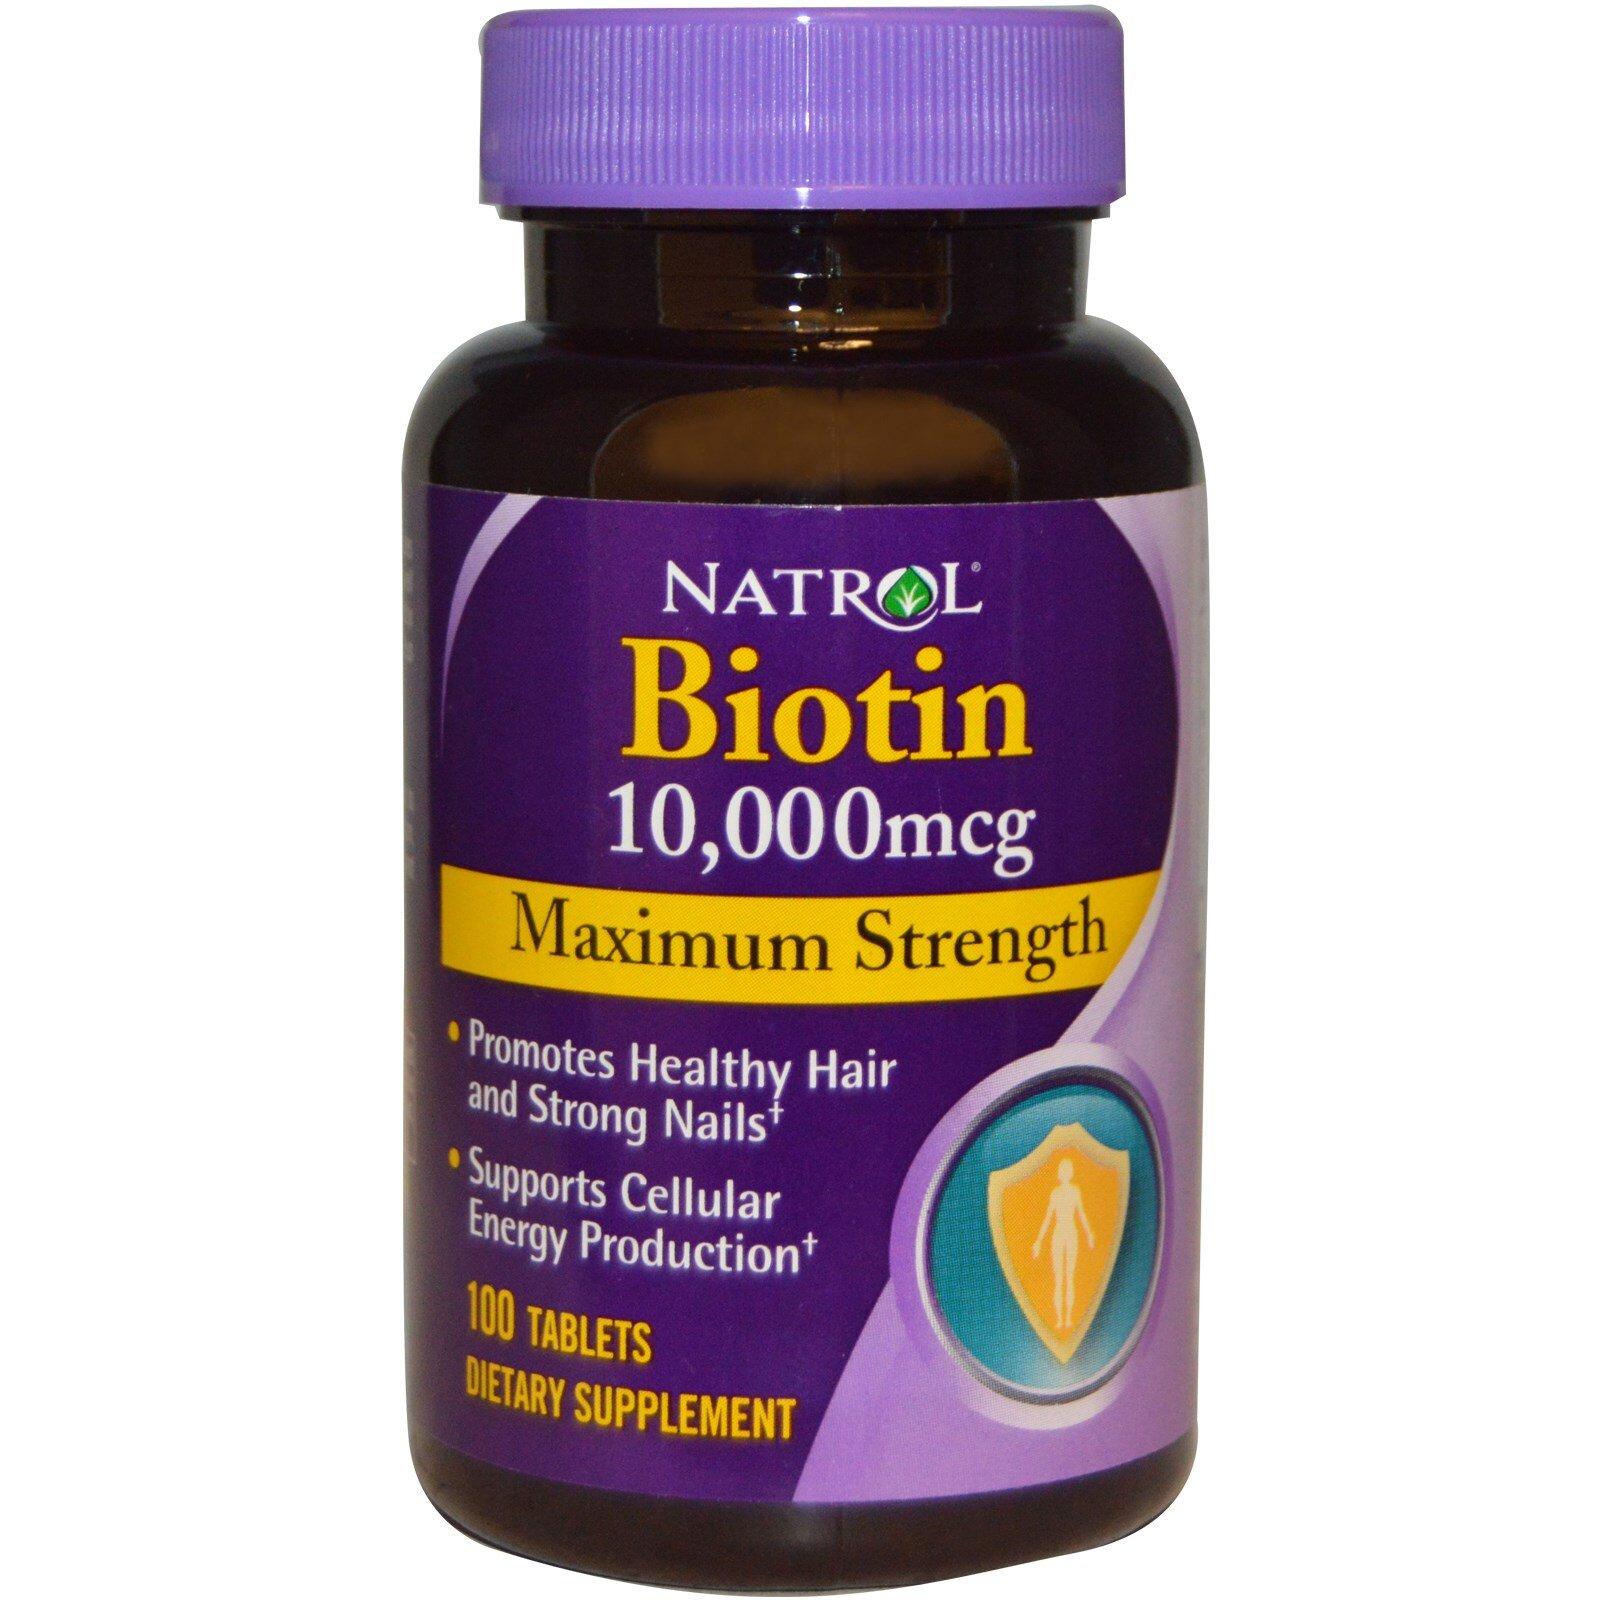 Viên uống mọc tóc Natrol Biotin 10000 mcg - 100 viên